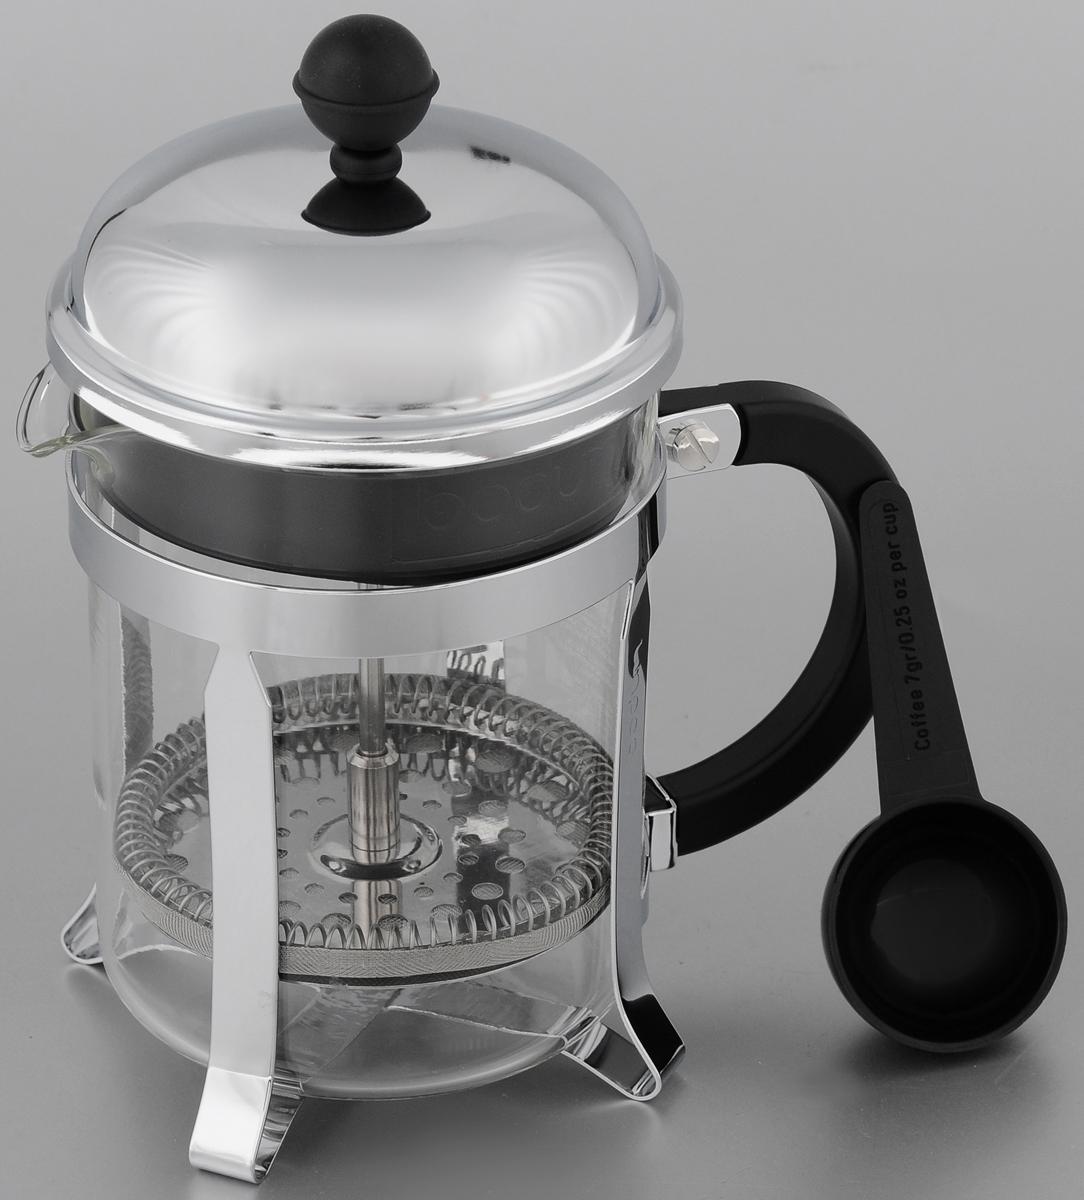 Френч-пресс Bodum Chambord, с мерной ложкой, 500 мл. 1924-161924-16Френч-пресс Bodum Chambord позволит быстро и просто приготовить свежий и ароматный чай или кофе. Корпус изготовлен из высококачественного жаропрочного стекла, устойчивого к окрашиванию, царапинам и термошоку. Фильтр-поршень из нержавеющей стали выполнен по технологии press-up для обеспечения равномерной циркуляции воды. Готовить напитки с помощью френч-пресса очень просто. С помощью мерной ложечки насыпьте внутрь заварку и залейте кипятком. Остановить процесс заваривания легко. Для этого нужно просто опустить поршень, и заварка уйдет вниз, оставляя вверху напиток, готовый к употреблению. Заварочный чайник с прессом - это совершенный чайник для ежедневного использования. Практичный и стильный дизайн полностью соответствует последним модным тенденциям в создании предметов кухонной утвари. Можно мыть в посудомоечной машине. Диаметр френч-пресса (по верхнему краю): 10 см. Высота френч-пресса (с учетом крышки): 19,5 см. Длина...